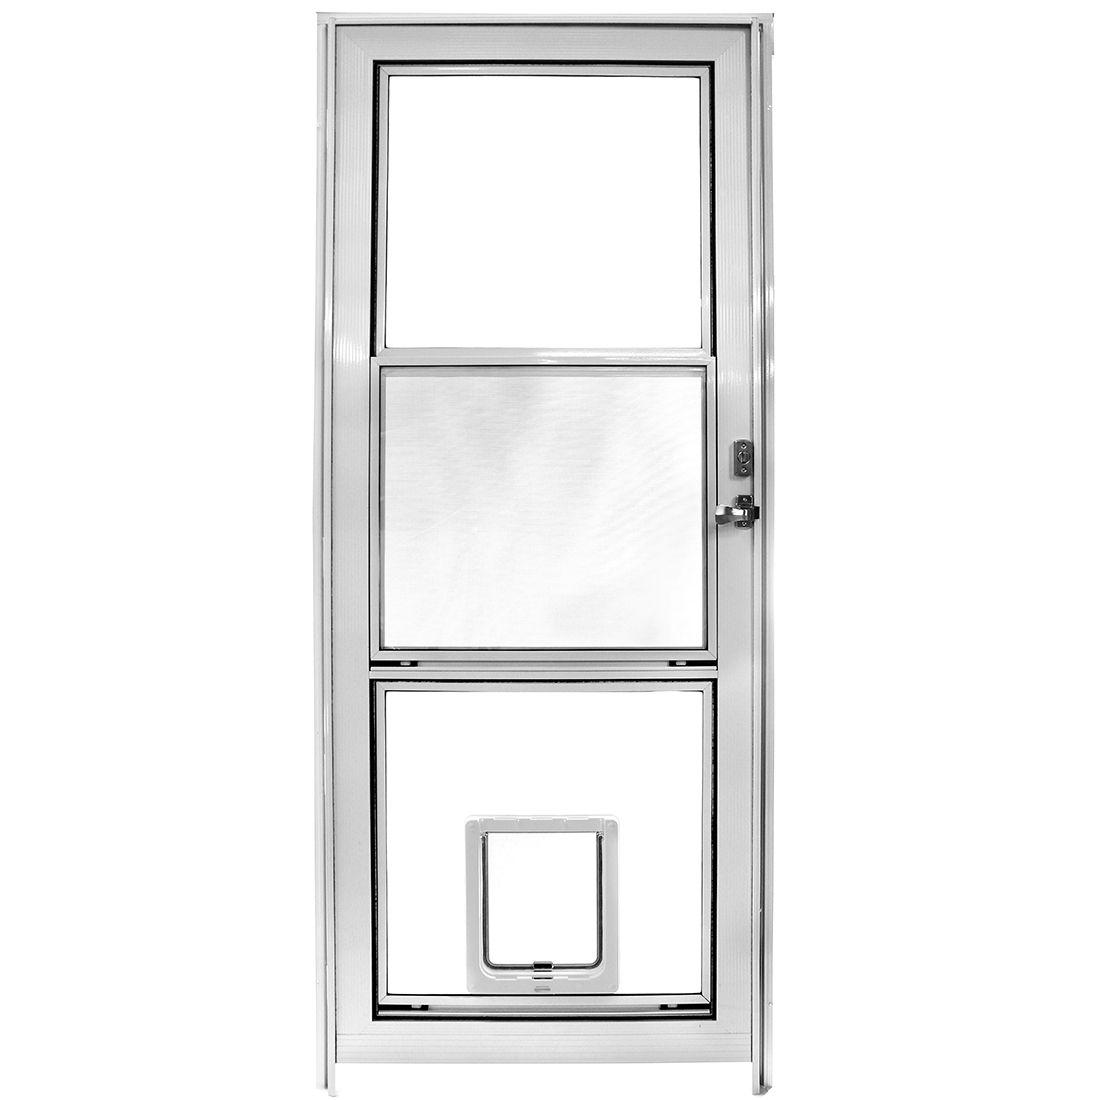 Glass vent storm door with dogmate pet door installed in